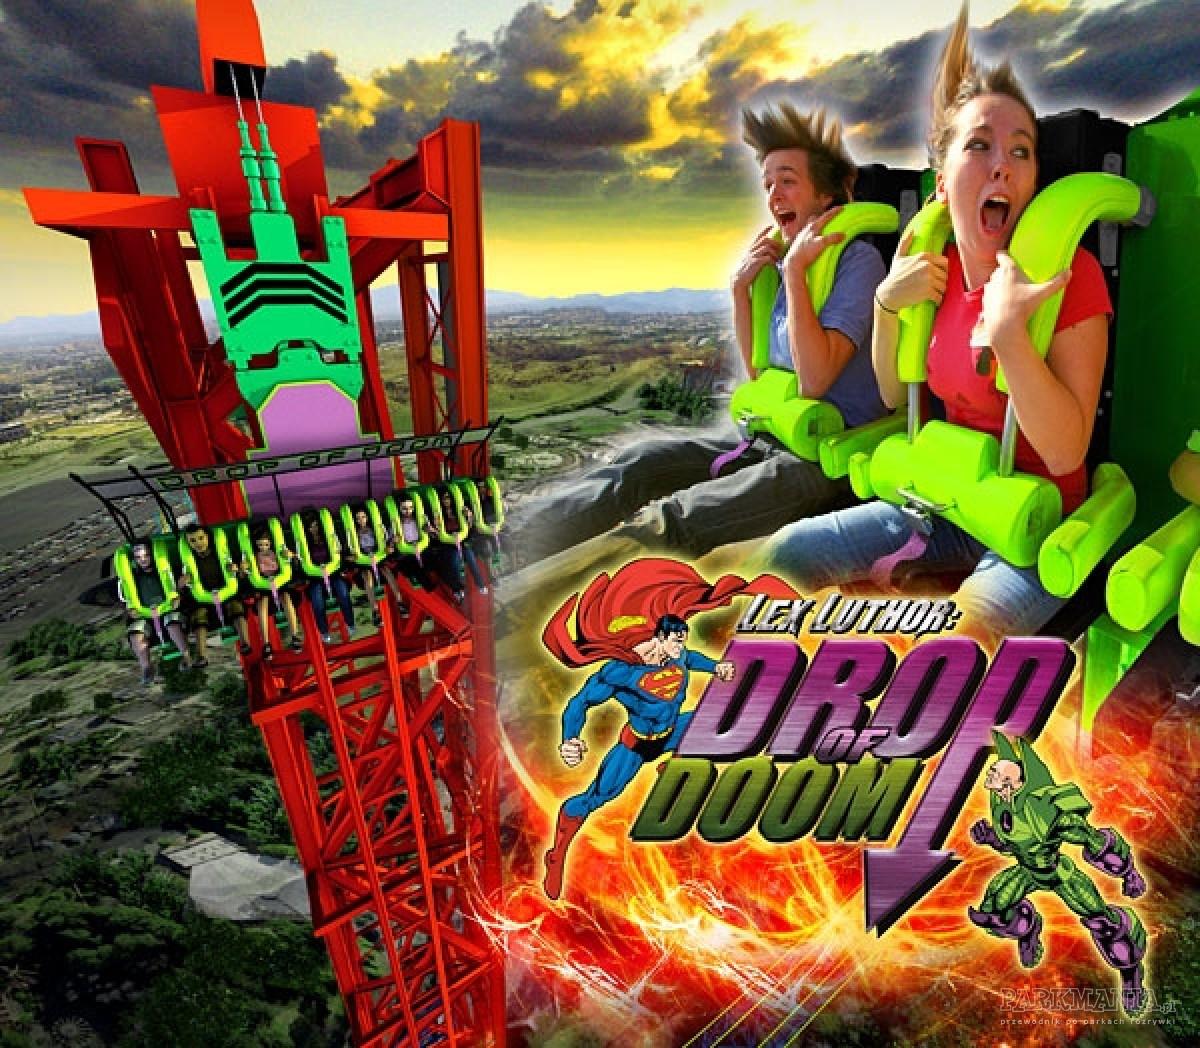 Lex Luthor: Drop of Doom, czyli najwyższy drop tower świata